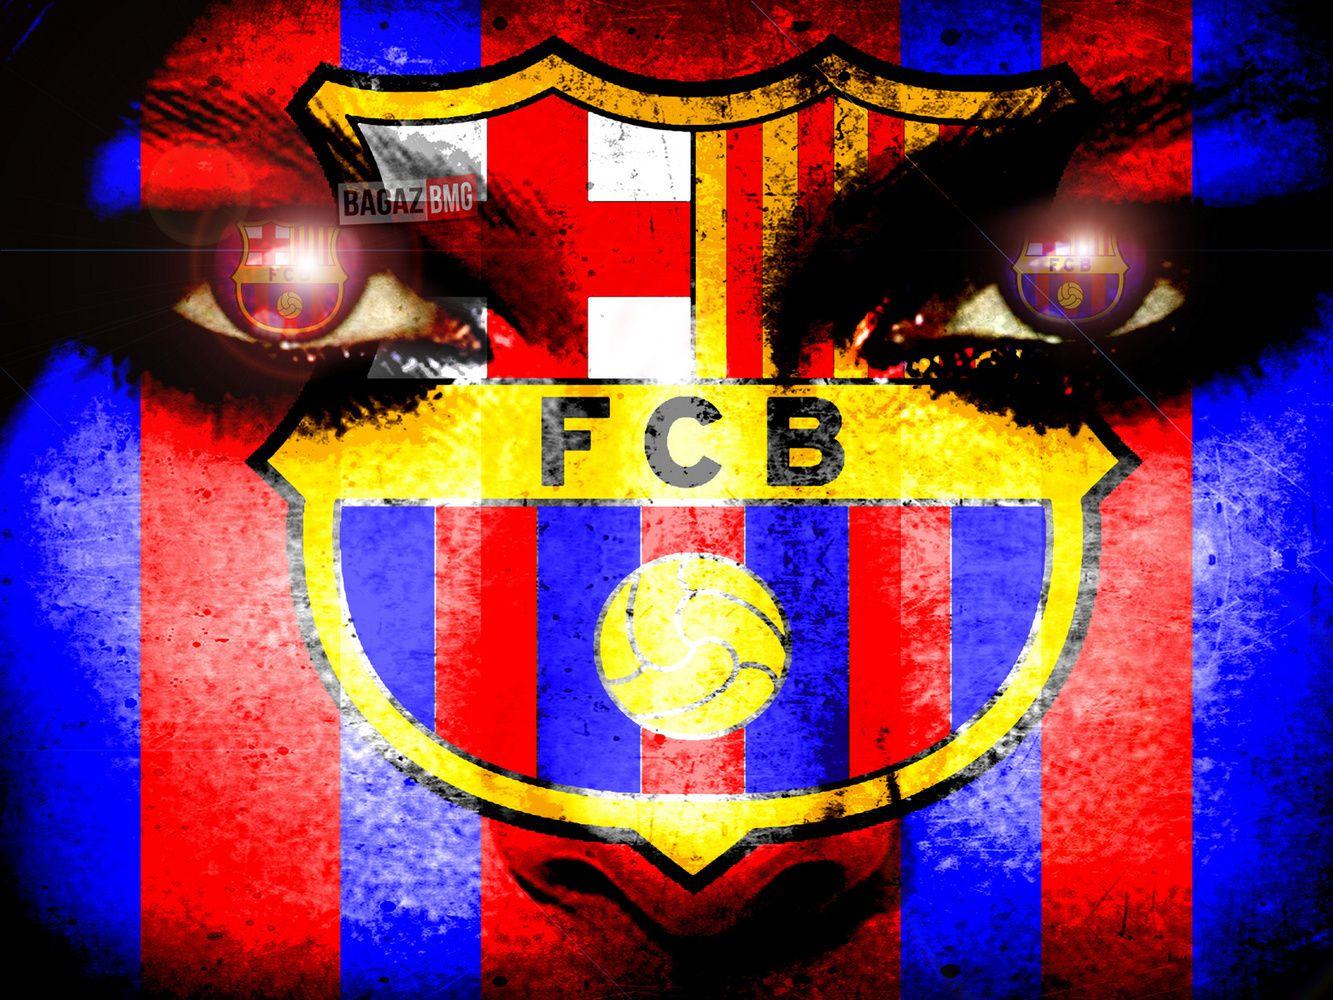 Fan art of fc barcelona logo wallpaper for fans of fc barcelona hd wallpaper and background photos of fc barcelona logo wallpaper for fans of fc barcelona images voltagebd Images